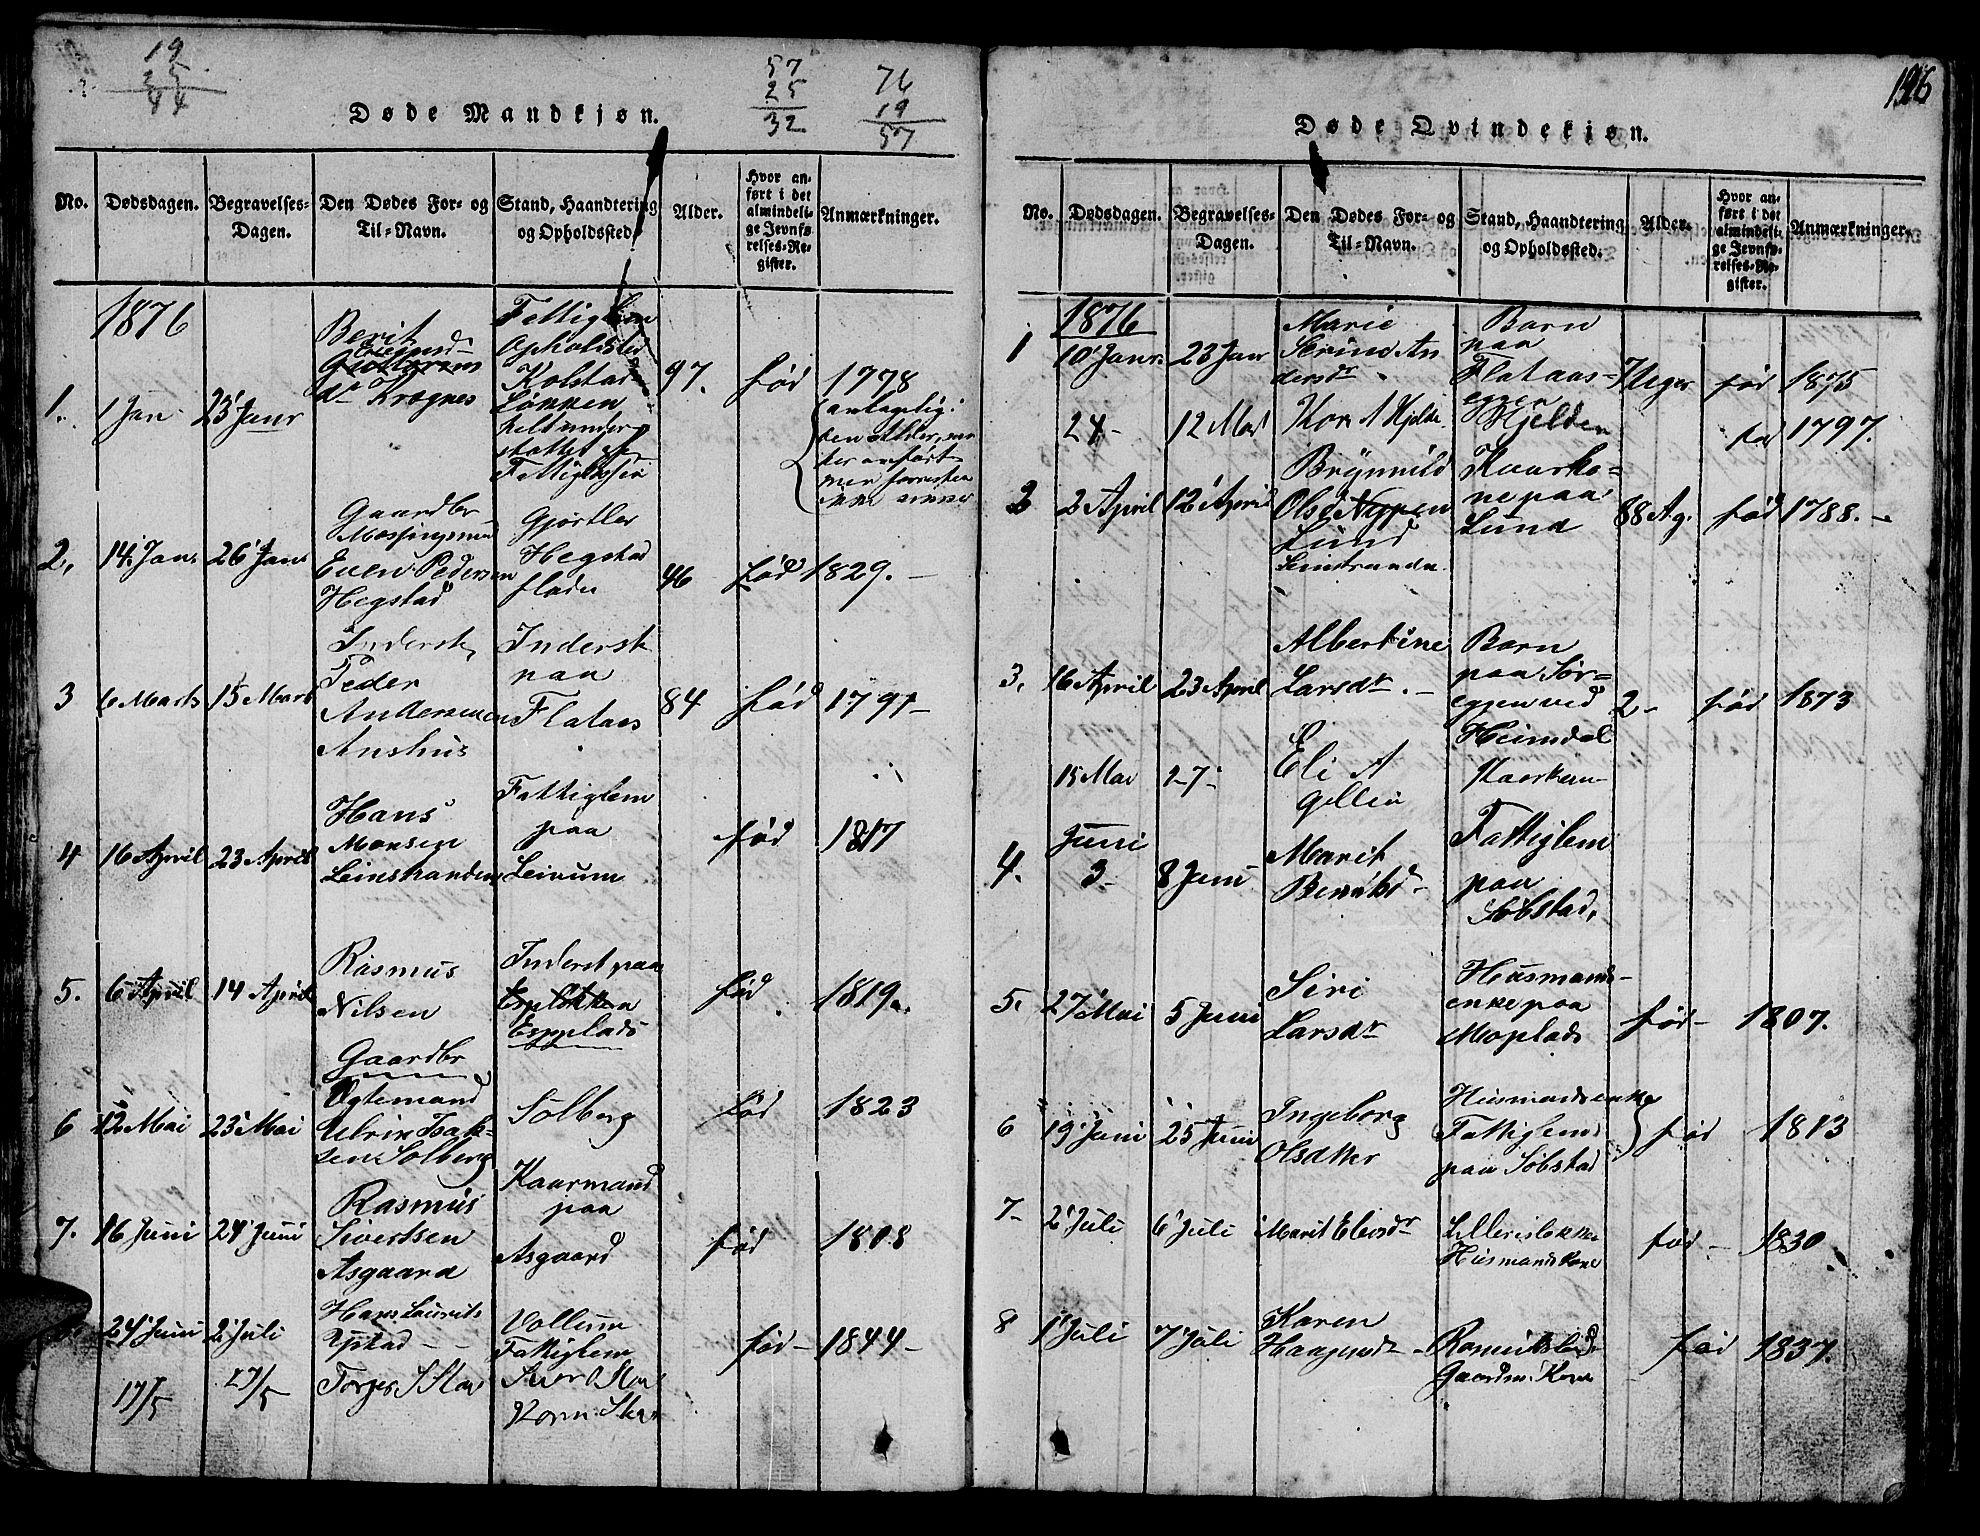 SAT, Ministerialprotokoller, klokkerbøker og fødselsregistre - Sør-Trøndelag, 613/L0393: Klokkerbok nr. 613C01, 1816-1886, s. 146